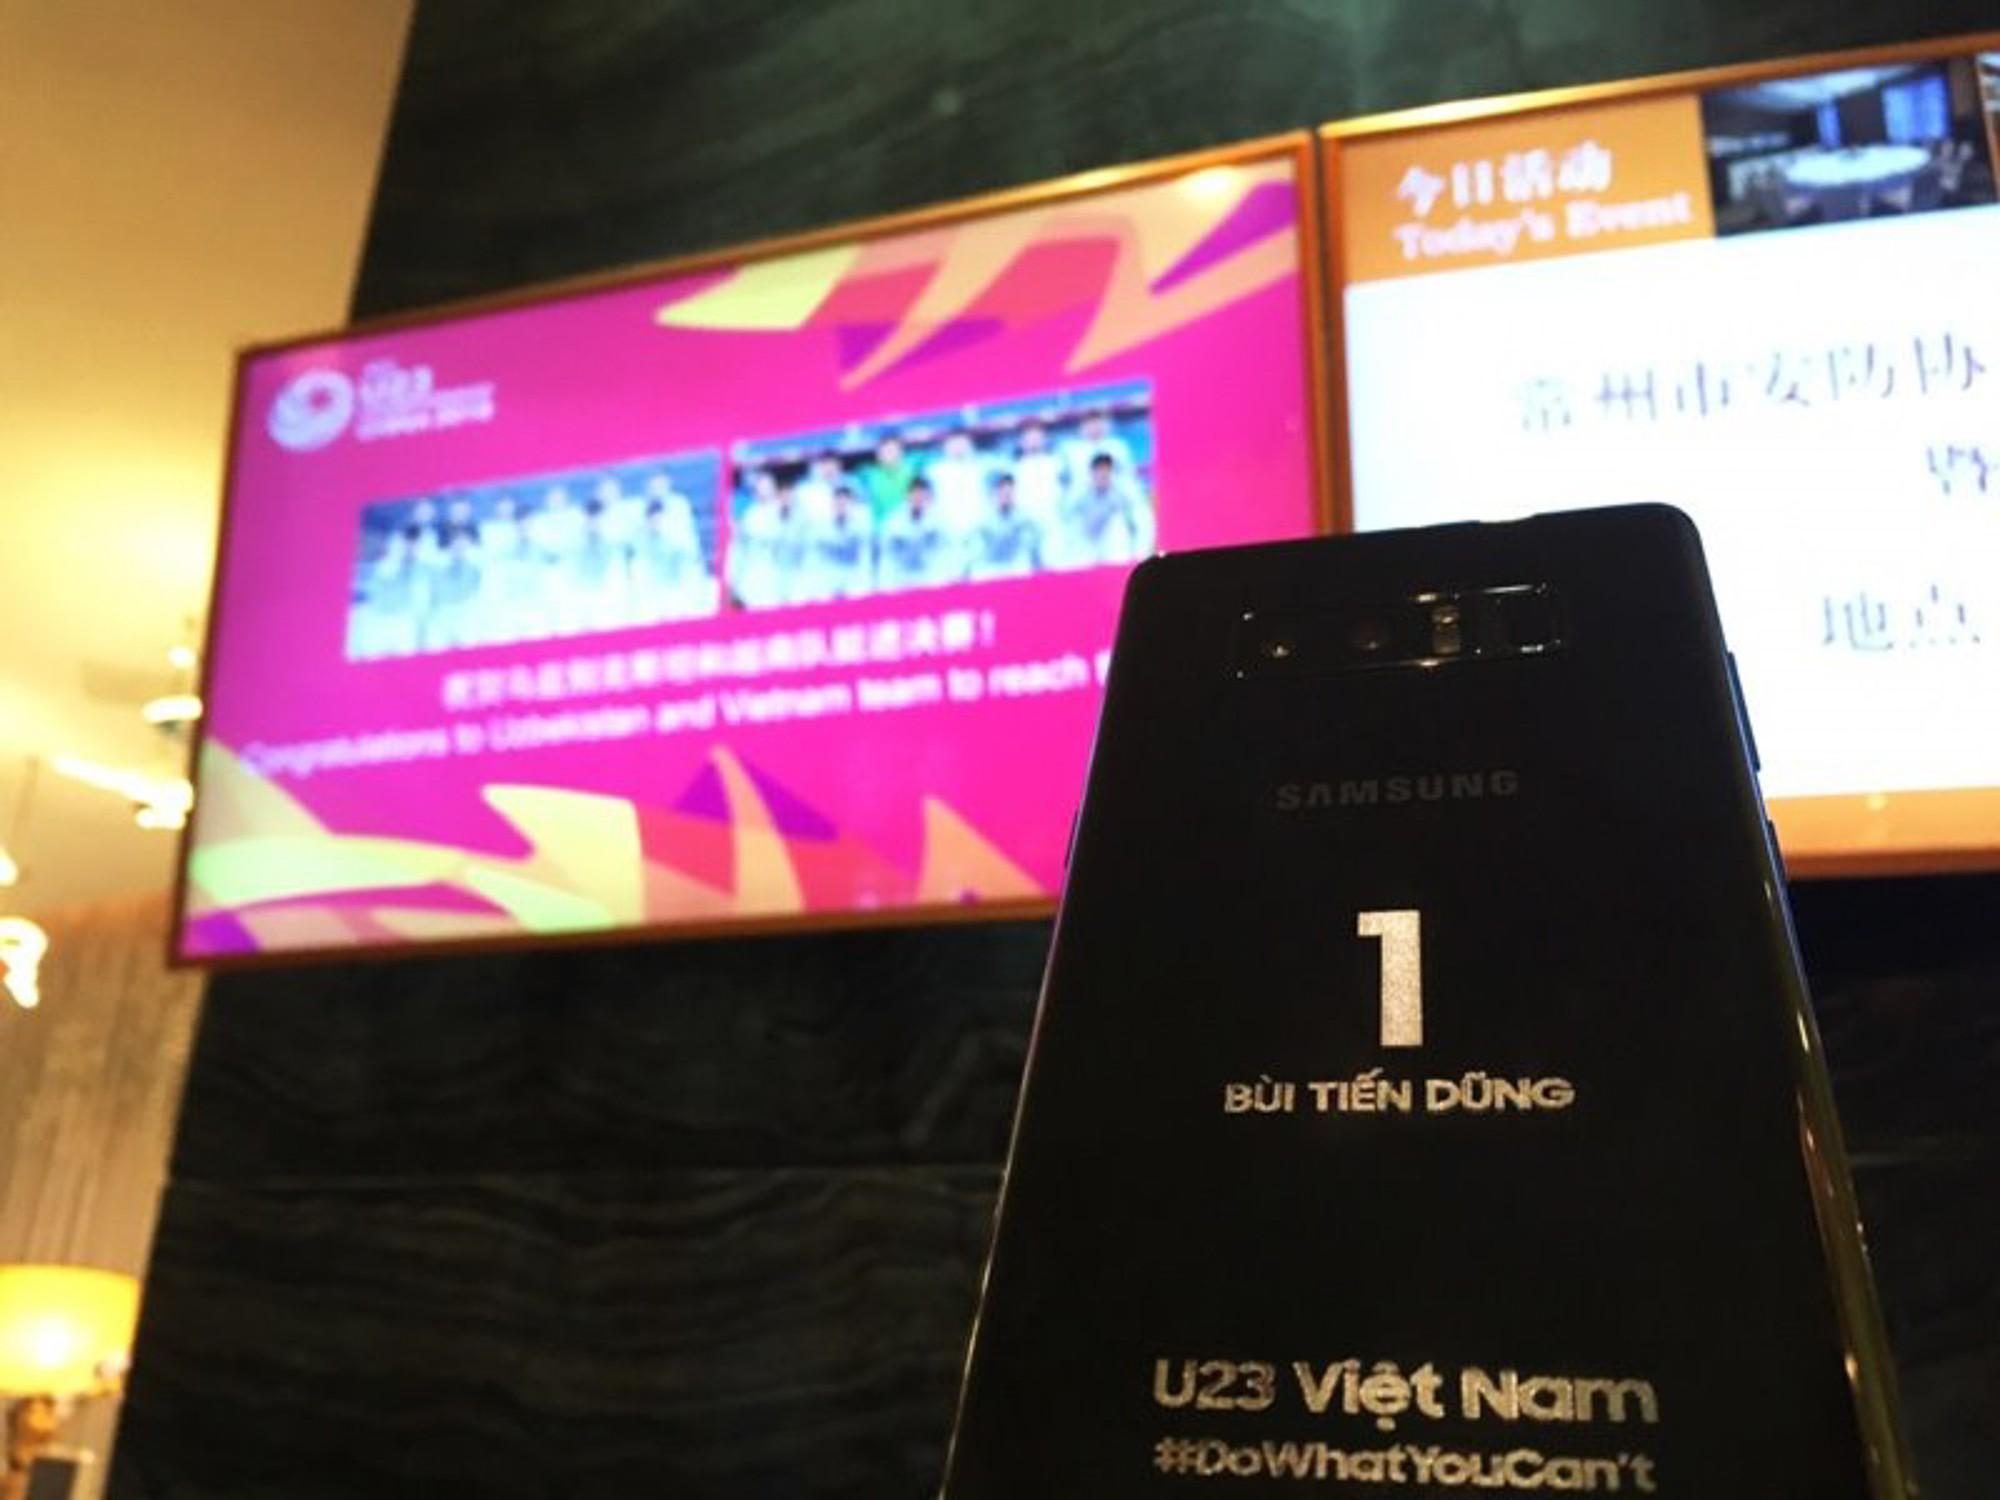 Samsung tặng mỗi cầu thủ U23 Việt Nam một điện thoại Galaxy Note 8 phiên bản hàng thửa - Ảnh 2.